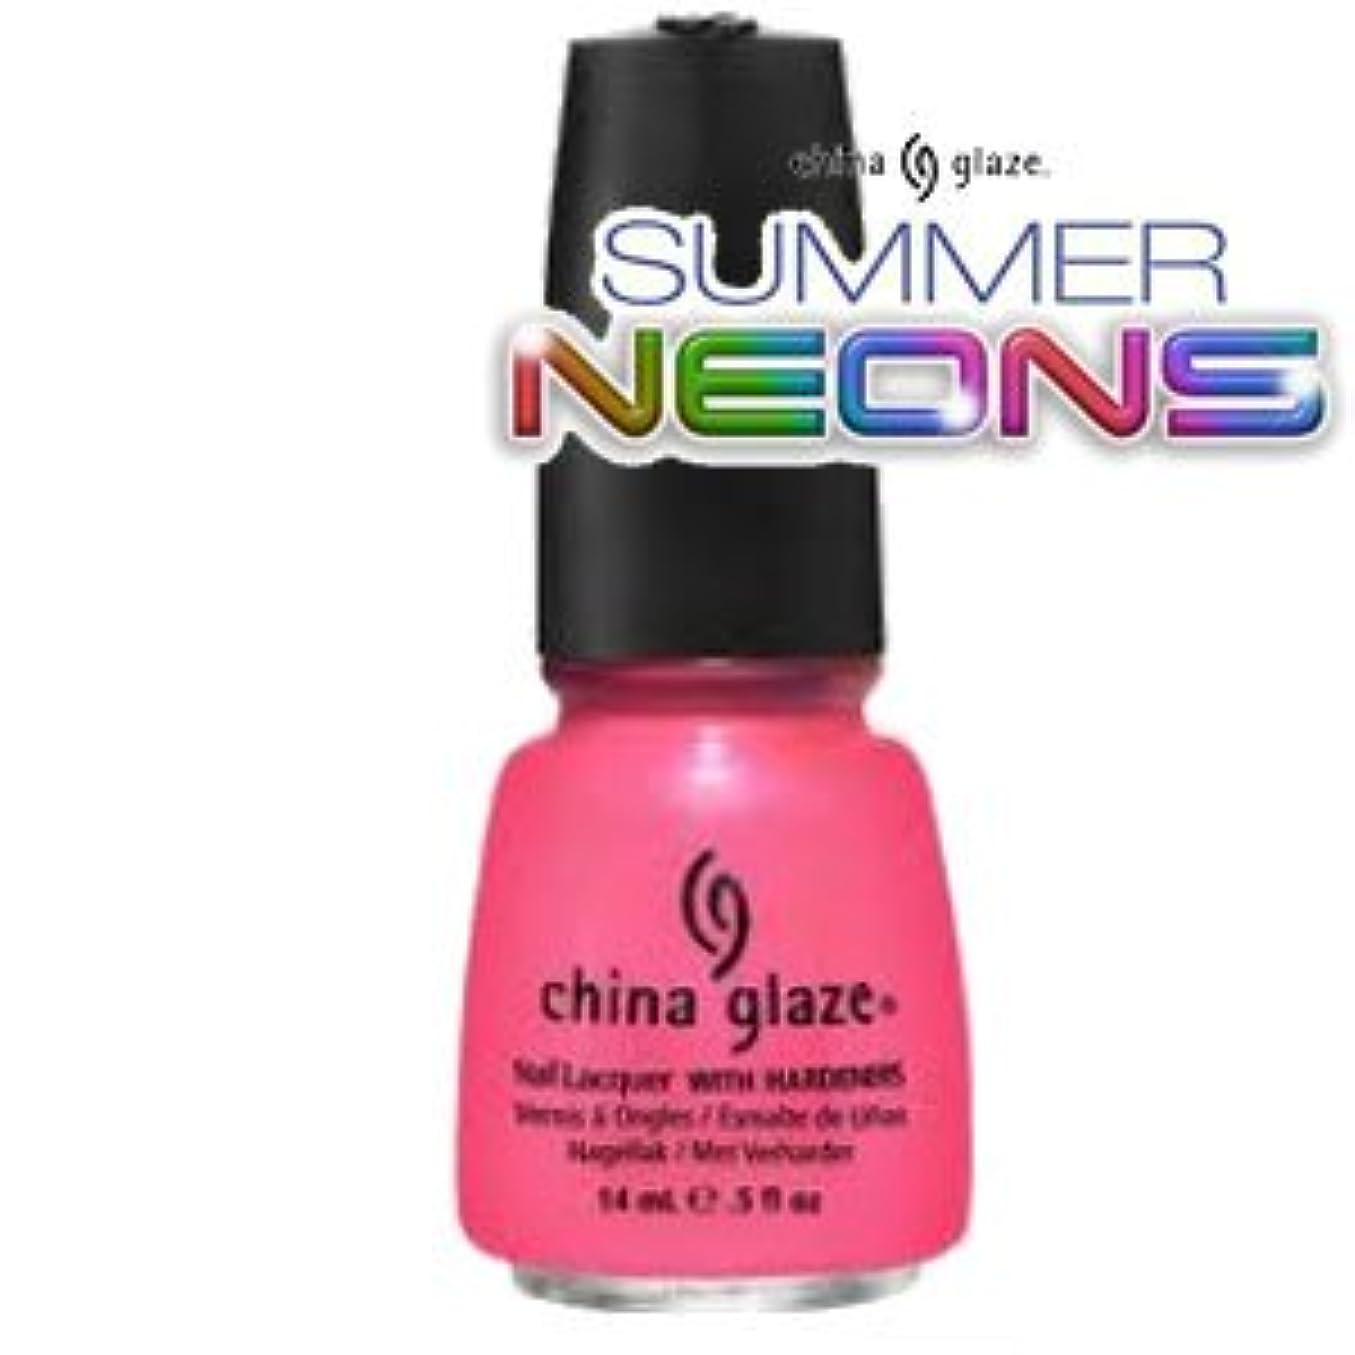 ウールクラウド永続(チャイナグレイズ)China Glaze Pink Plumeriaーサマーネオン コレクション [海外直送品][並行輸入品]